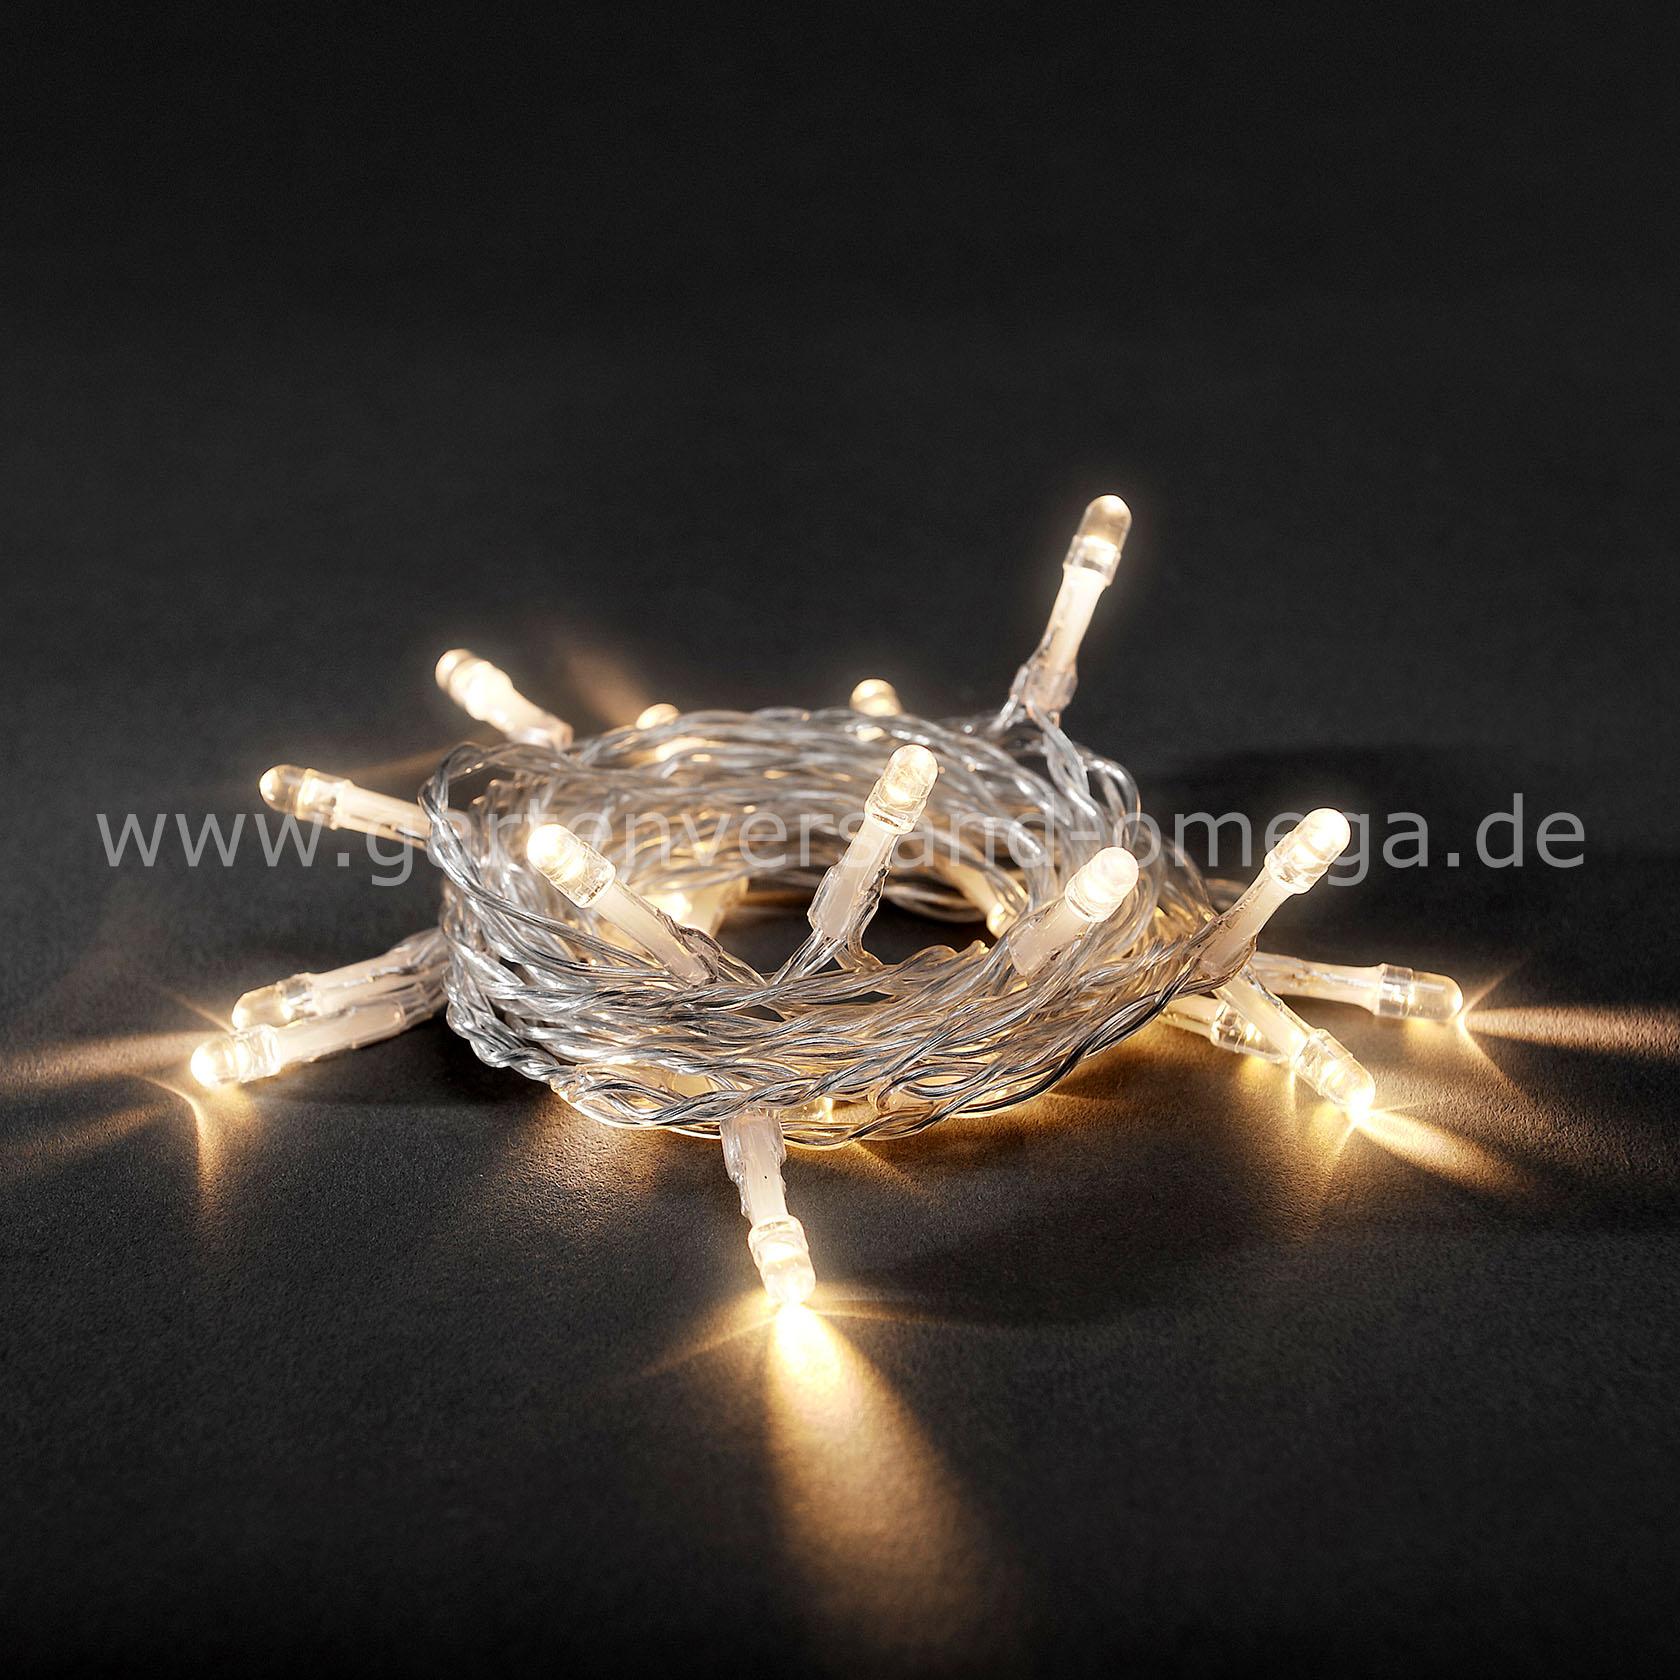 batteriebetriebene led lichterkette led innenlichterkette led weihnachtsbeleuchtung. Black Bedroom Furniture Sets. Home Design Ideas